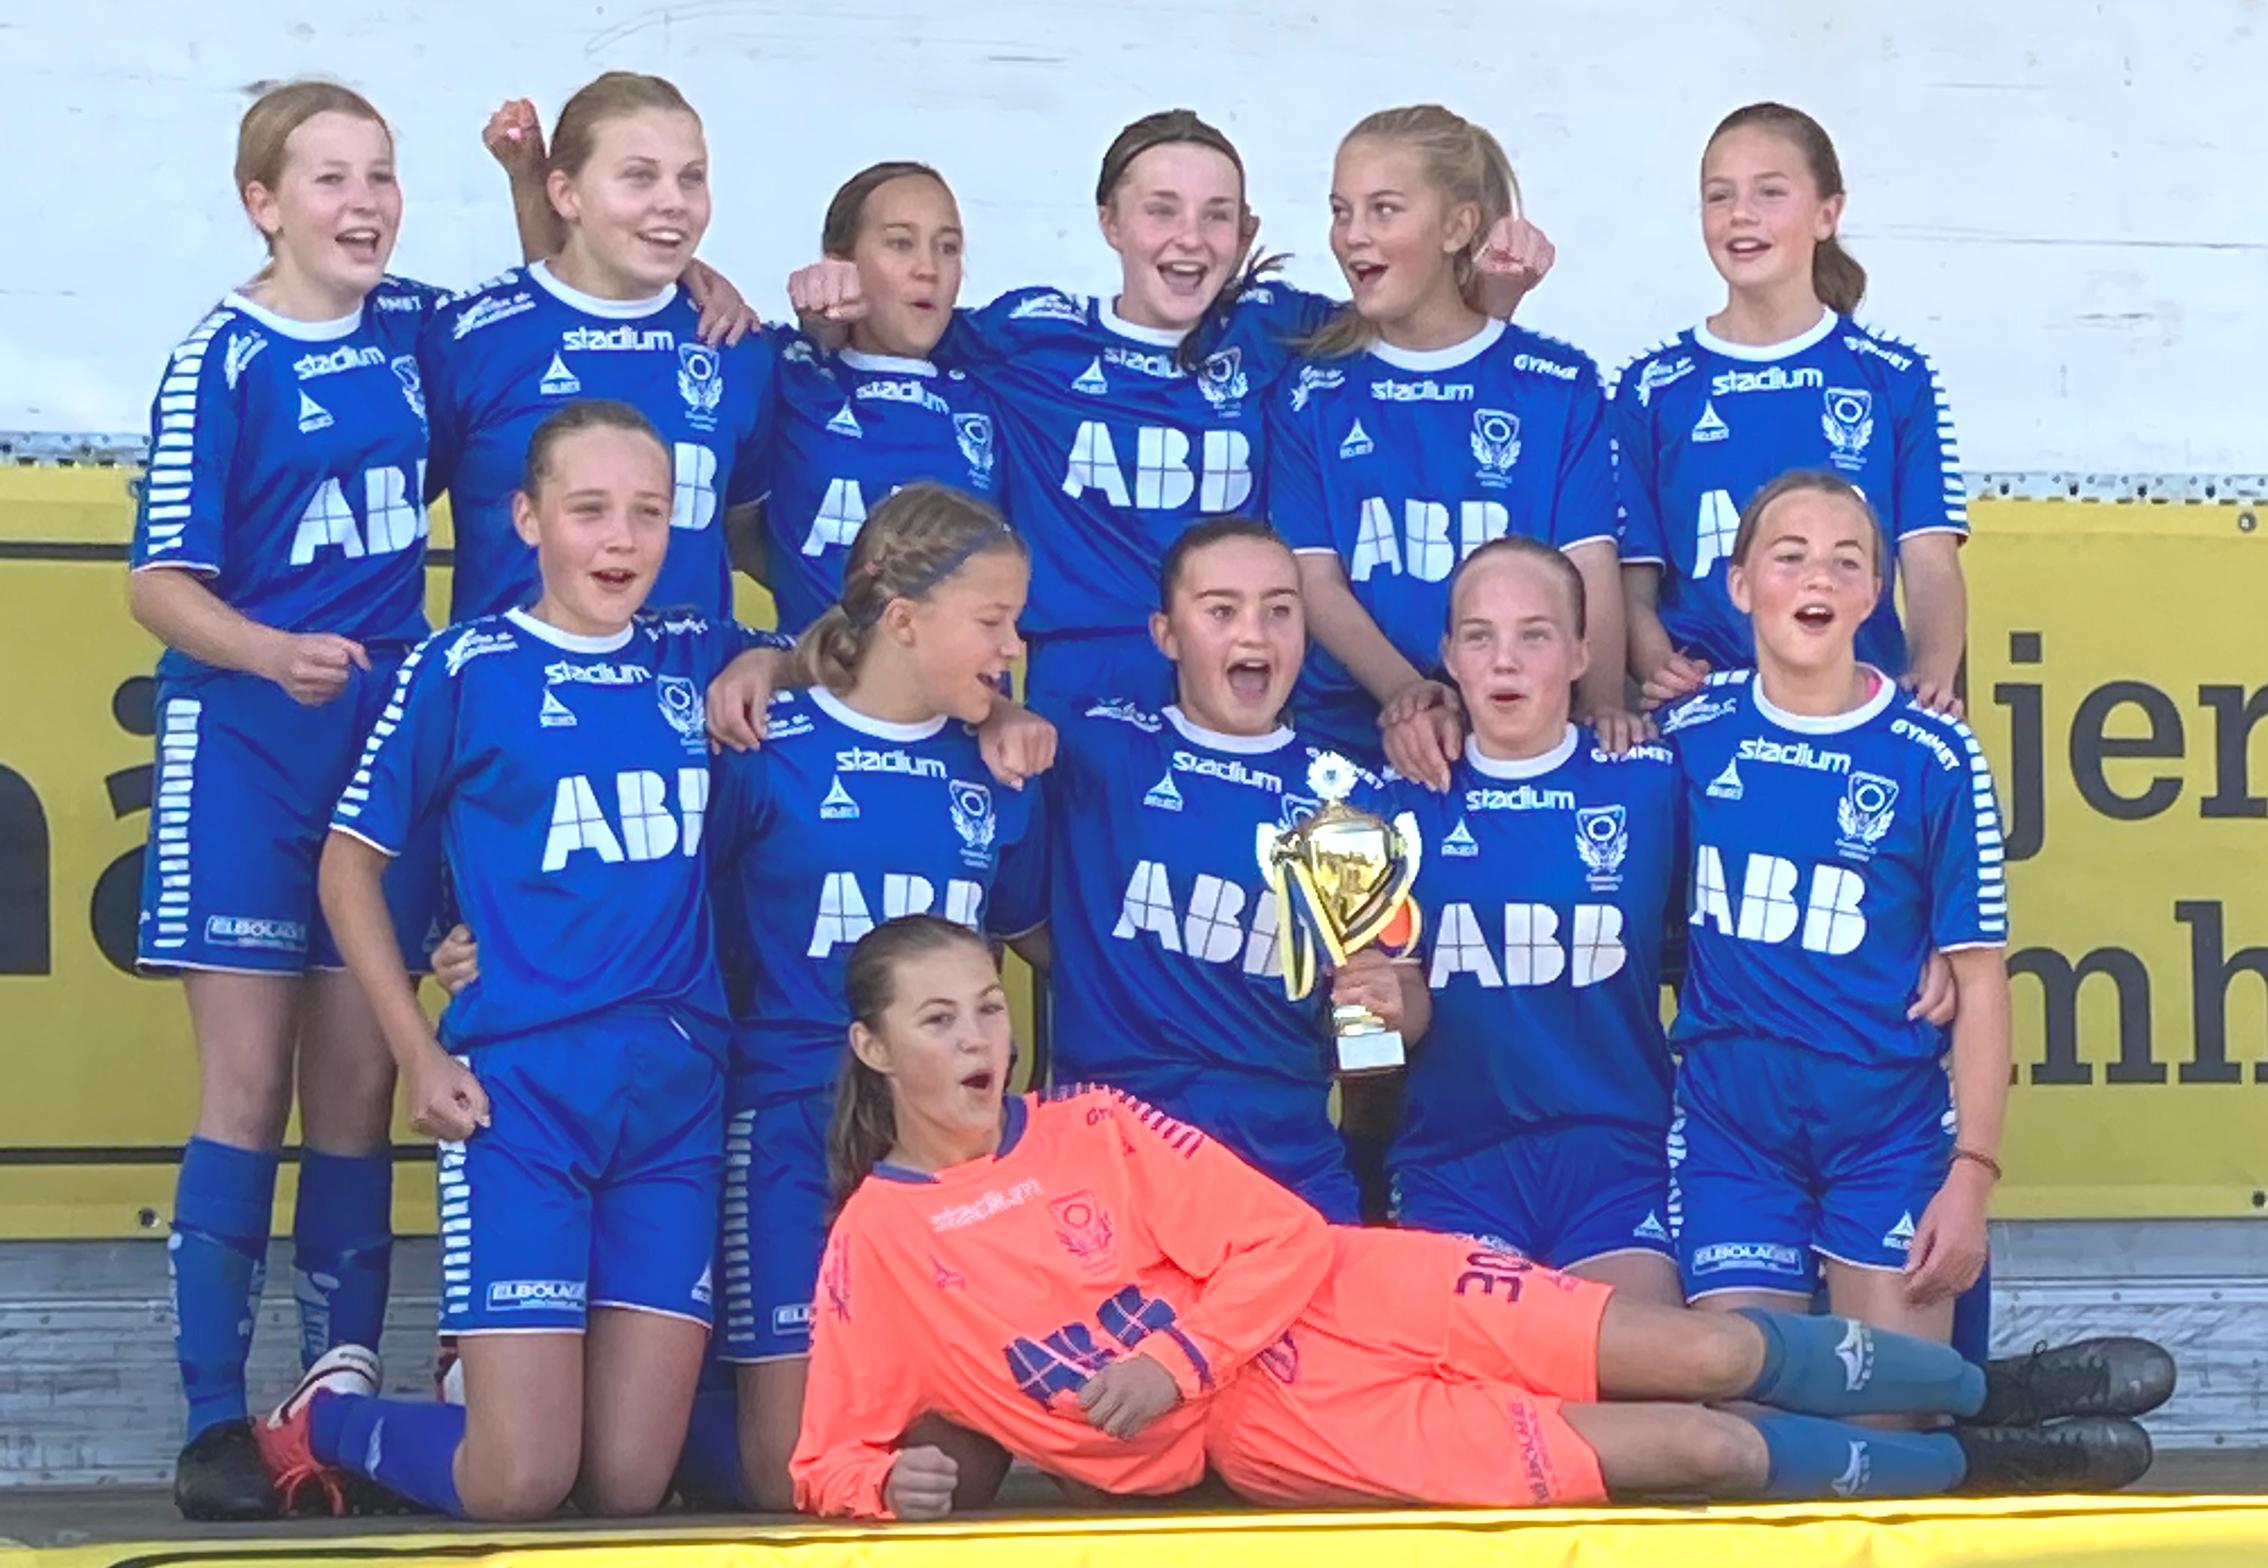 Östansbo IS – Den Lilla Klubben Med Det Stora Engagemanget